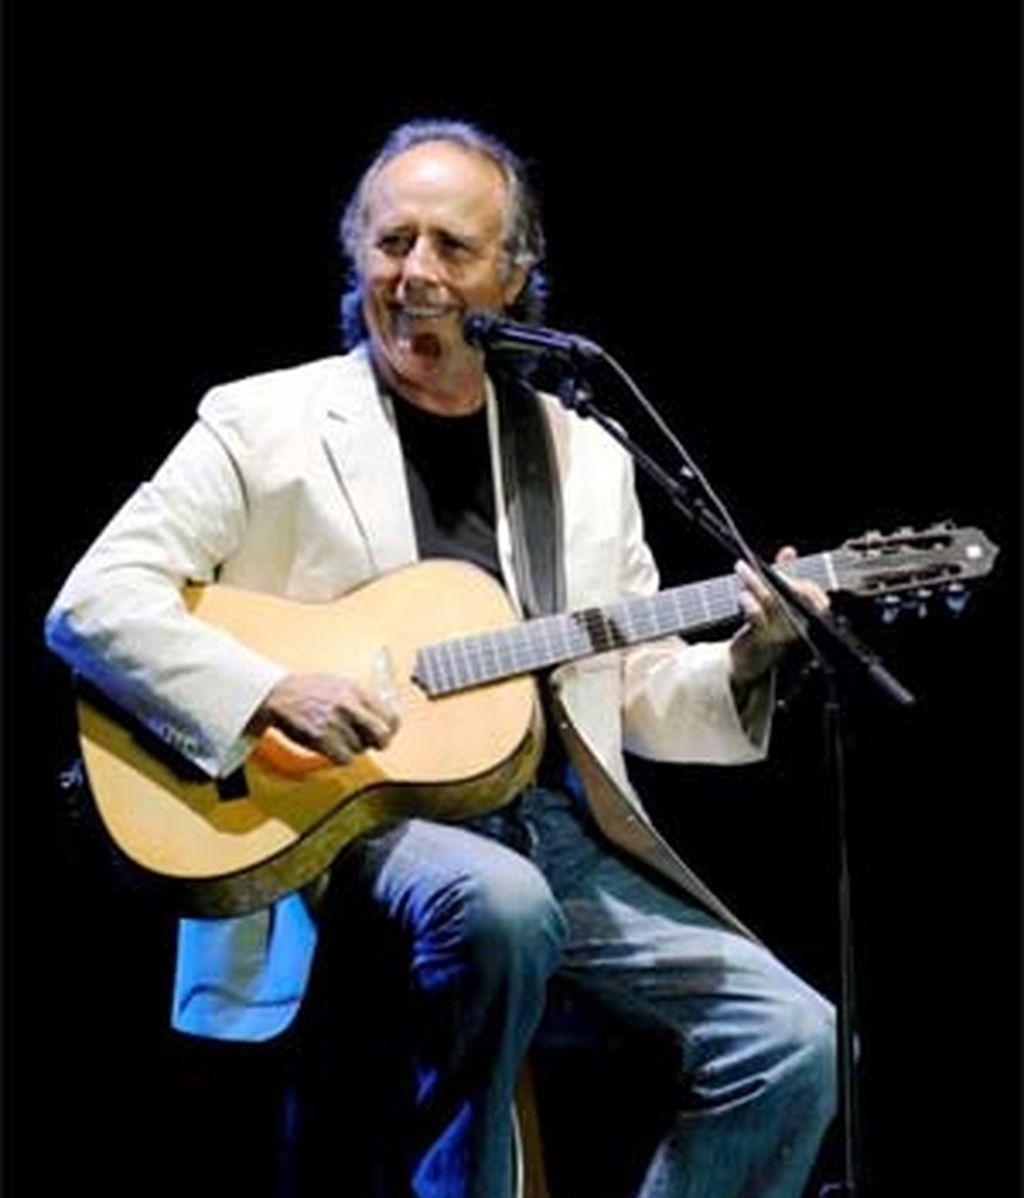 Serrat, en un concierto en Peralada, Girona. Foto: Archivo.